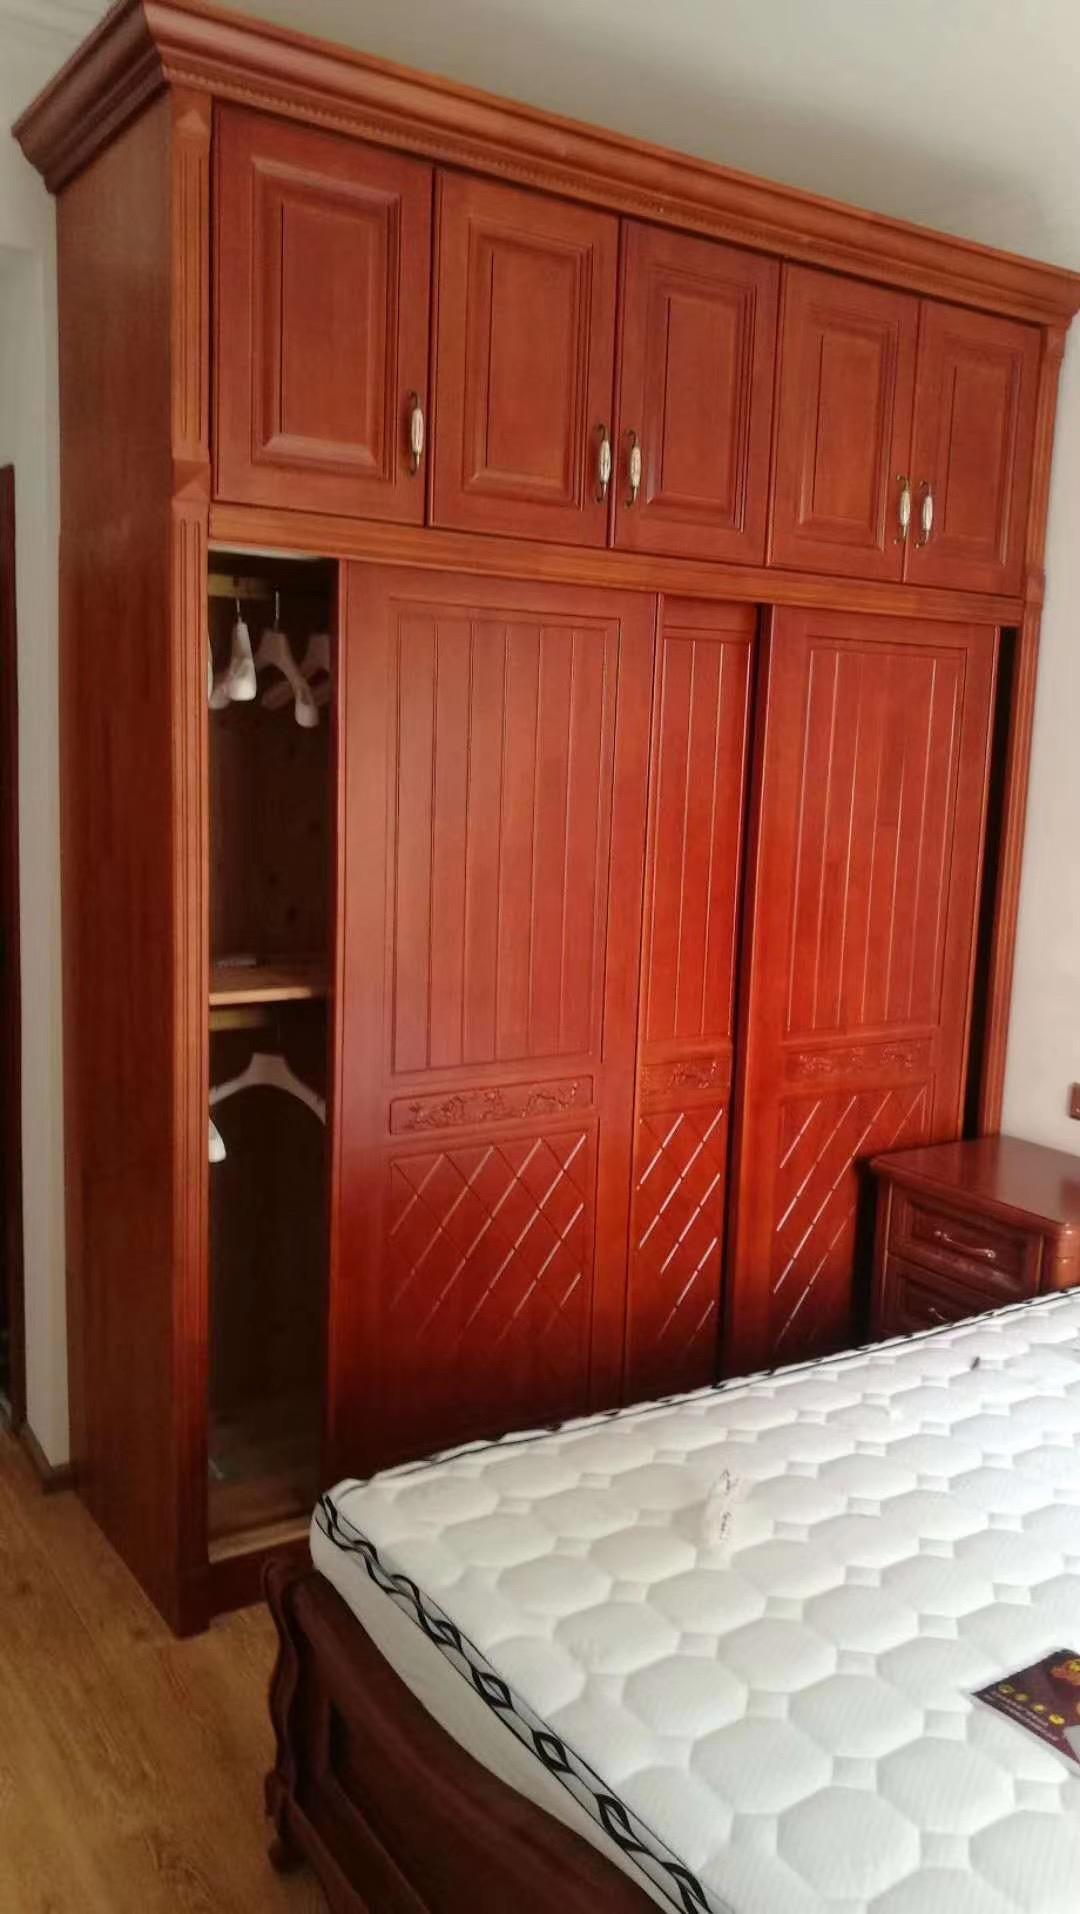 定制多层实木板衣柜